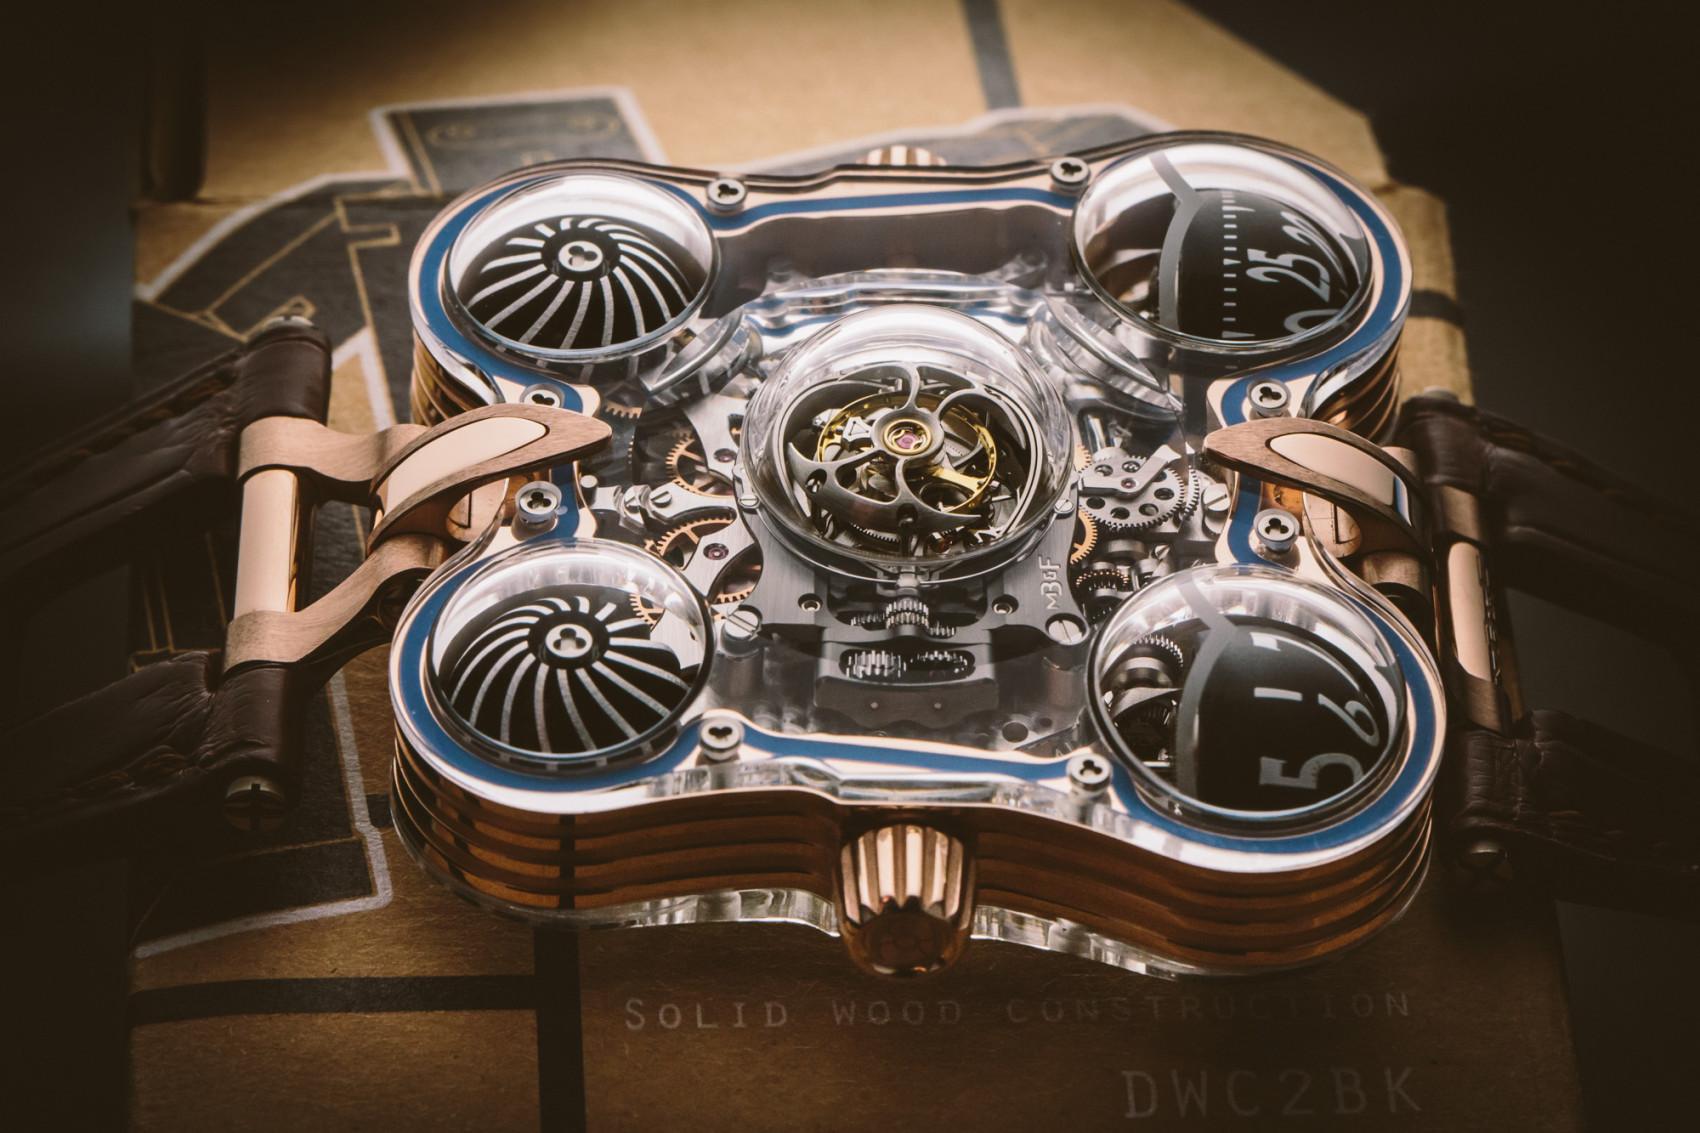 SIHH 2016 Reviewing MBF HM6 SV Craziest Replica Watch